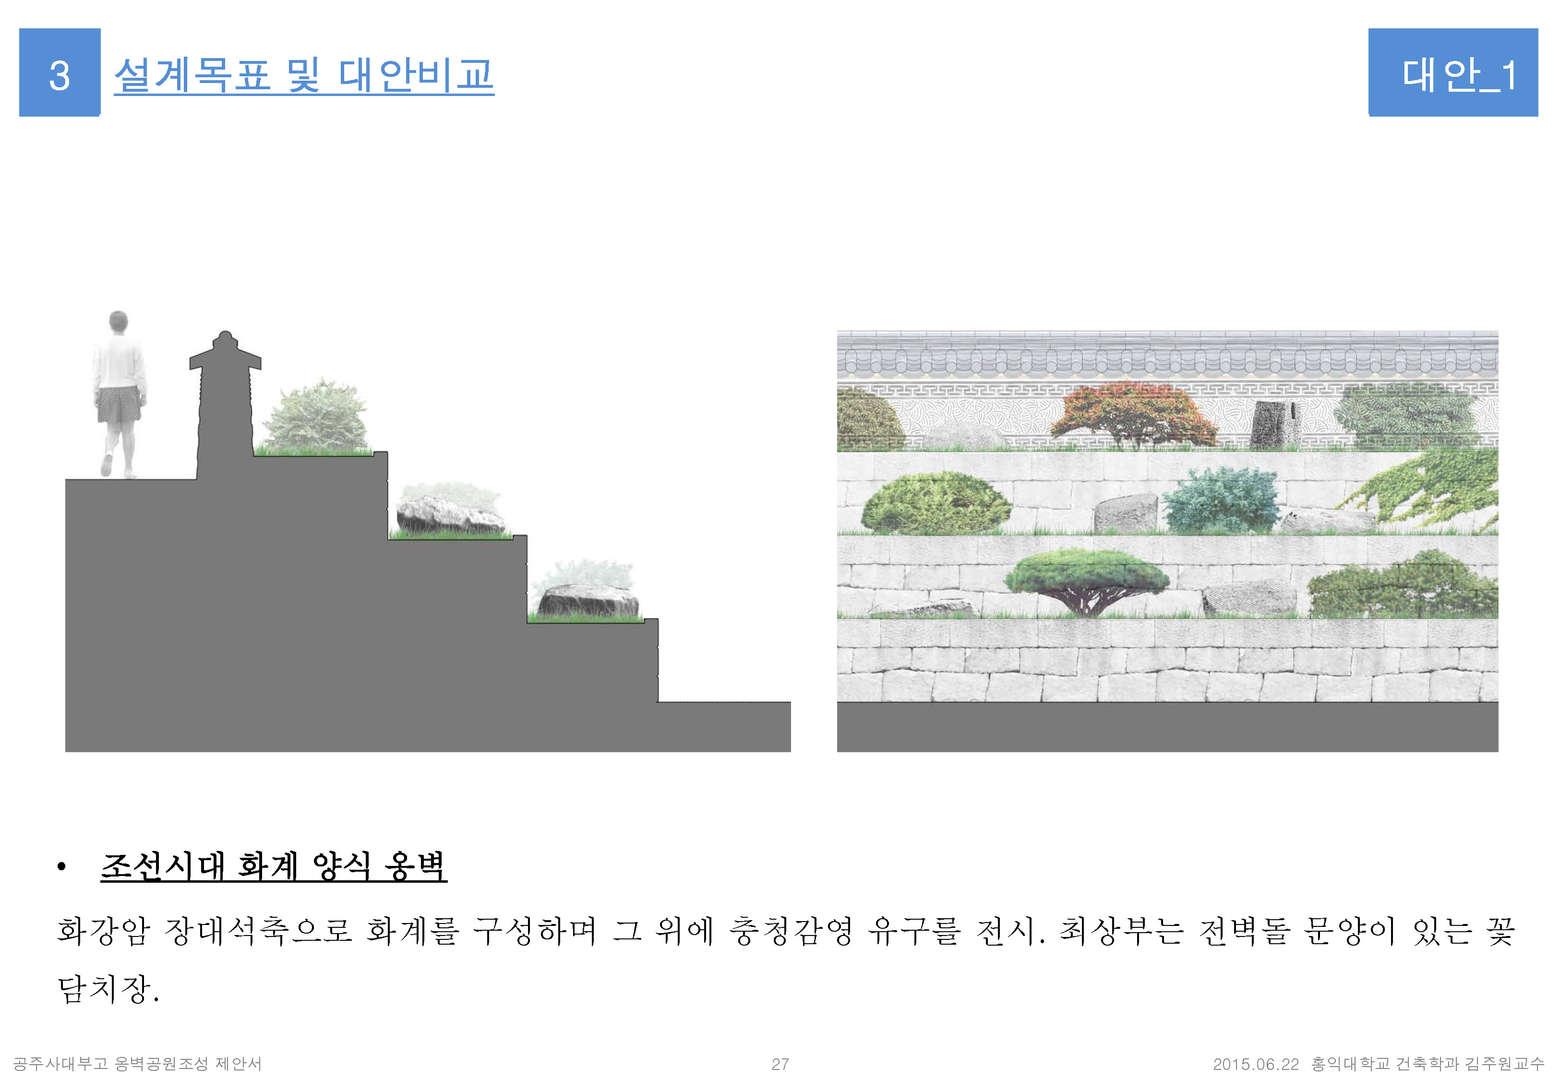 공주사대부고옹벽공원조성제안서4_페이지_27.jpg